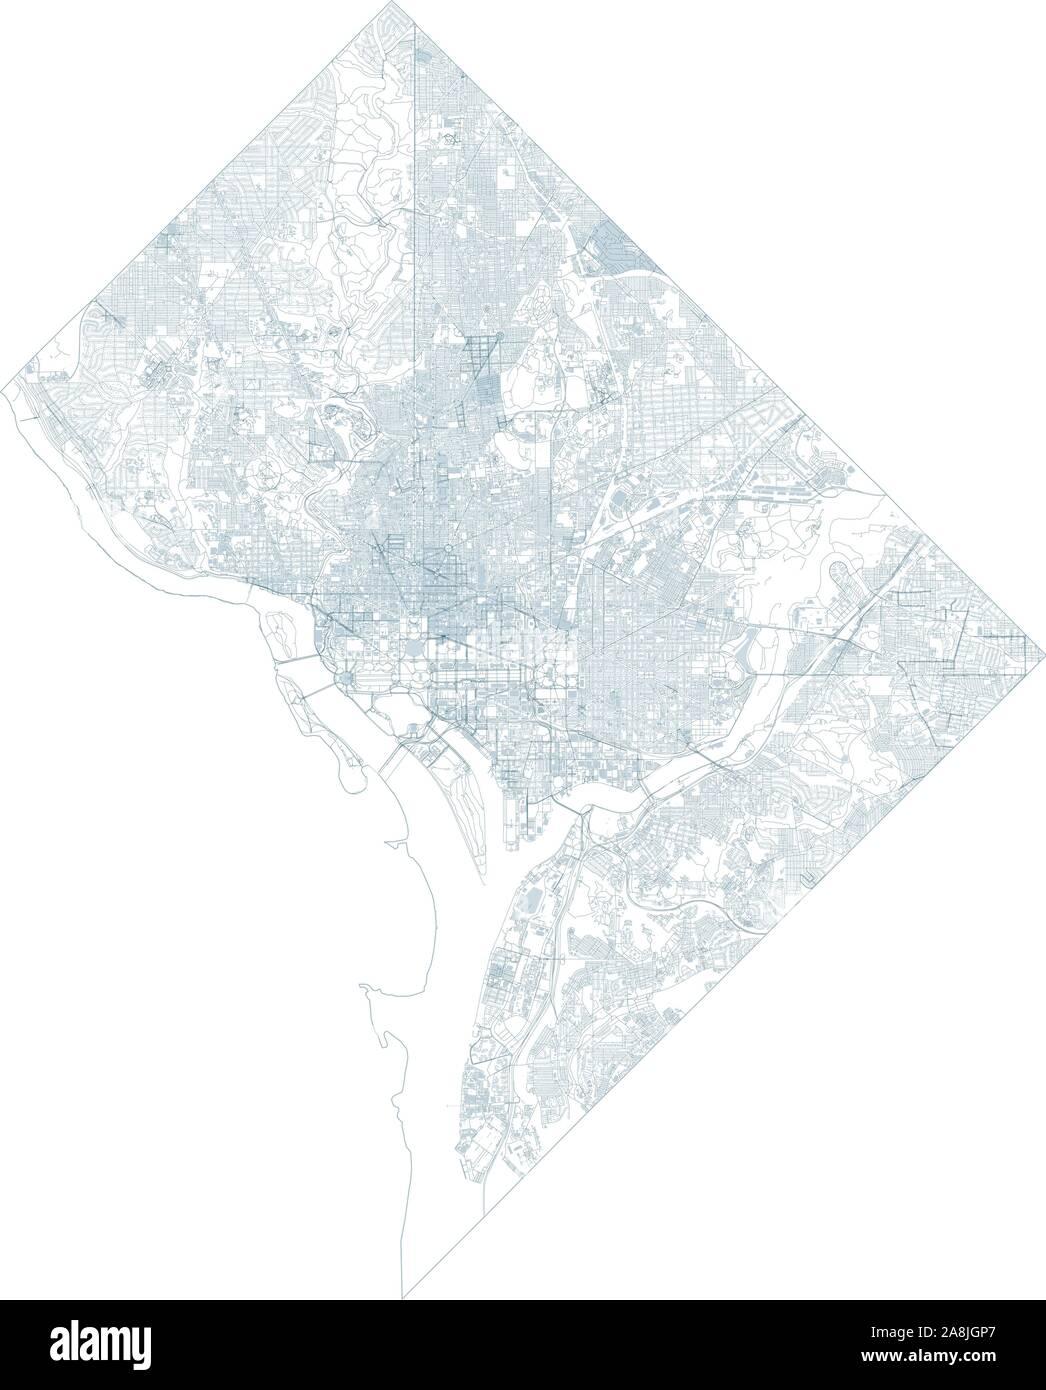 Satellite map of Washington D.C. and buildings, Usa. Map ... on usa network, usa television, usa map night, usa fishing, usa technologies, usa car, usa satellite light, usa 193 spy satellite, usa satellite night,